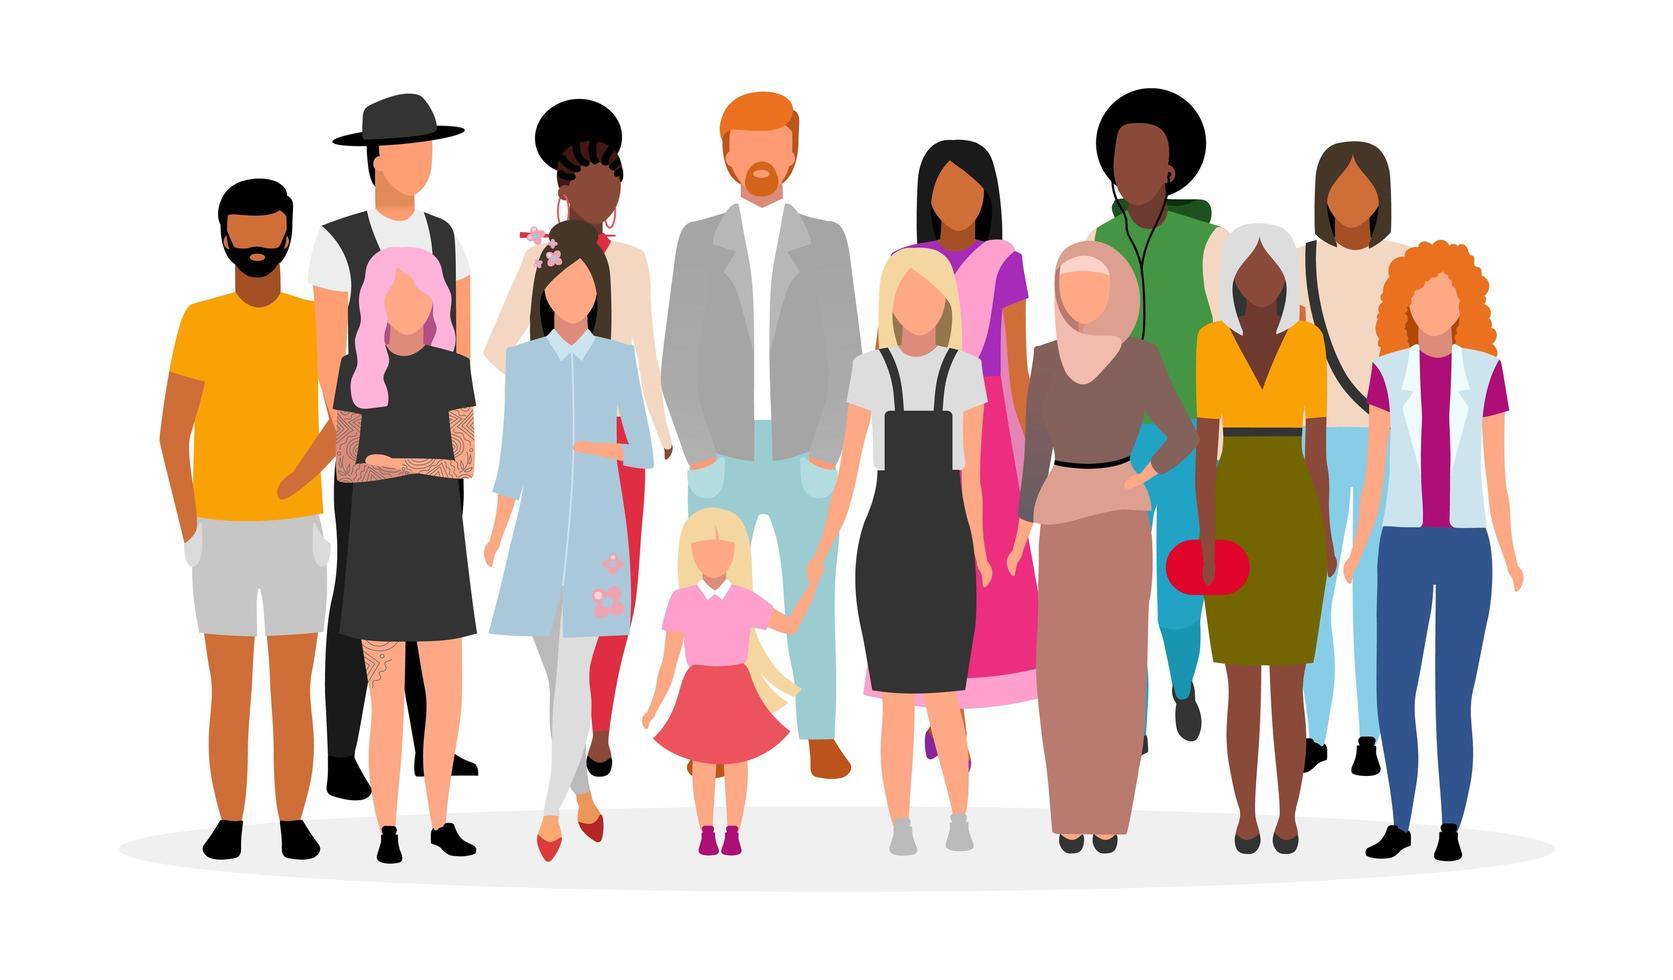 gruppo di persone multirazziali vettore